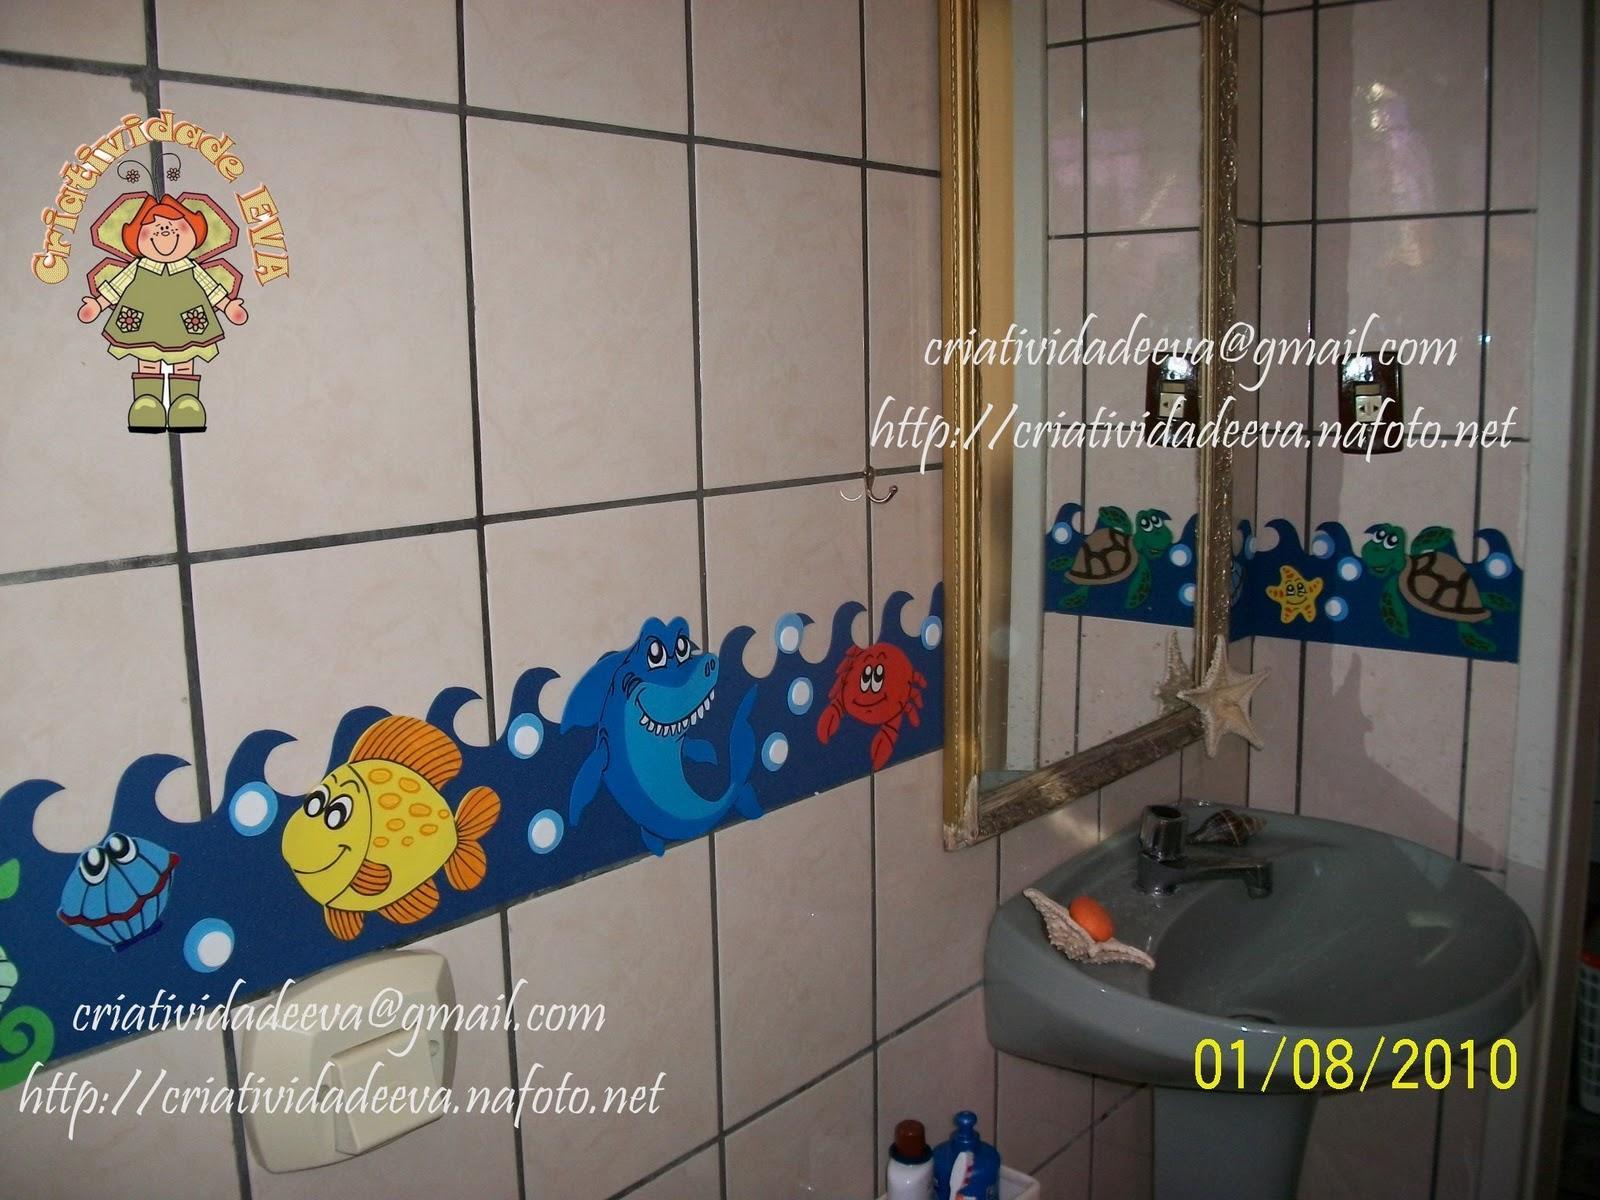 CRIATIVIDADE EVA Decoração Banheiro  Fundo do Mar -> Decoracao De Banheiro Infantil Com Eva